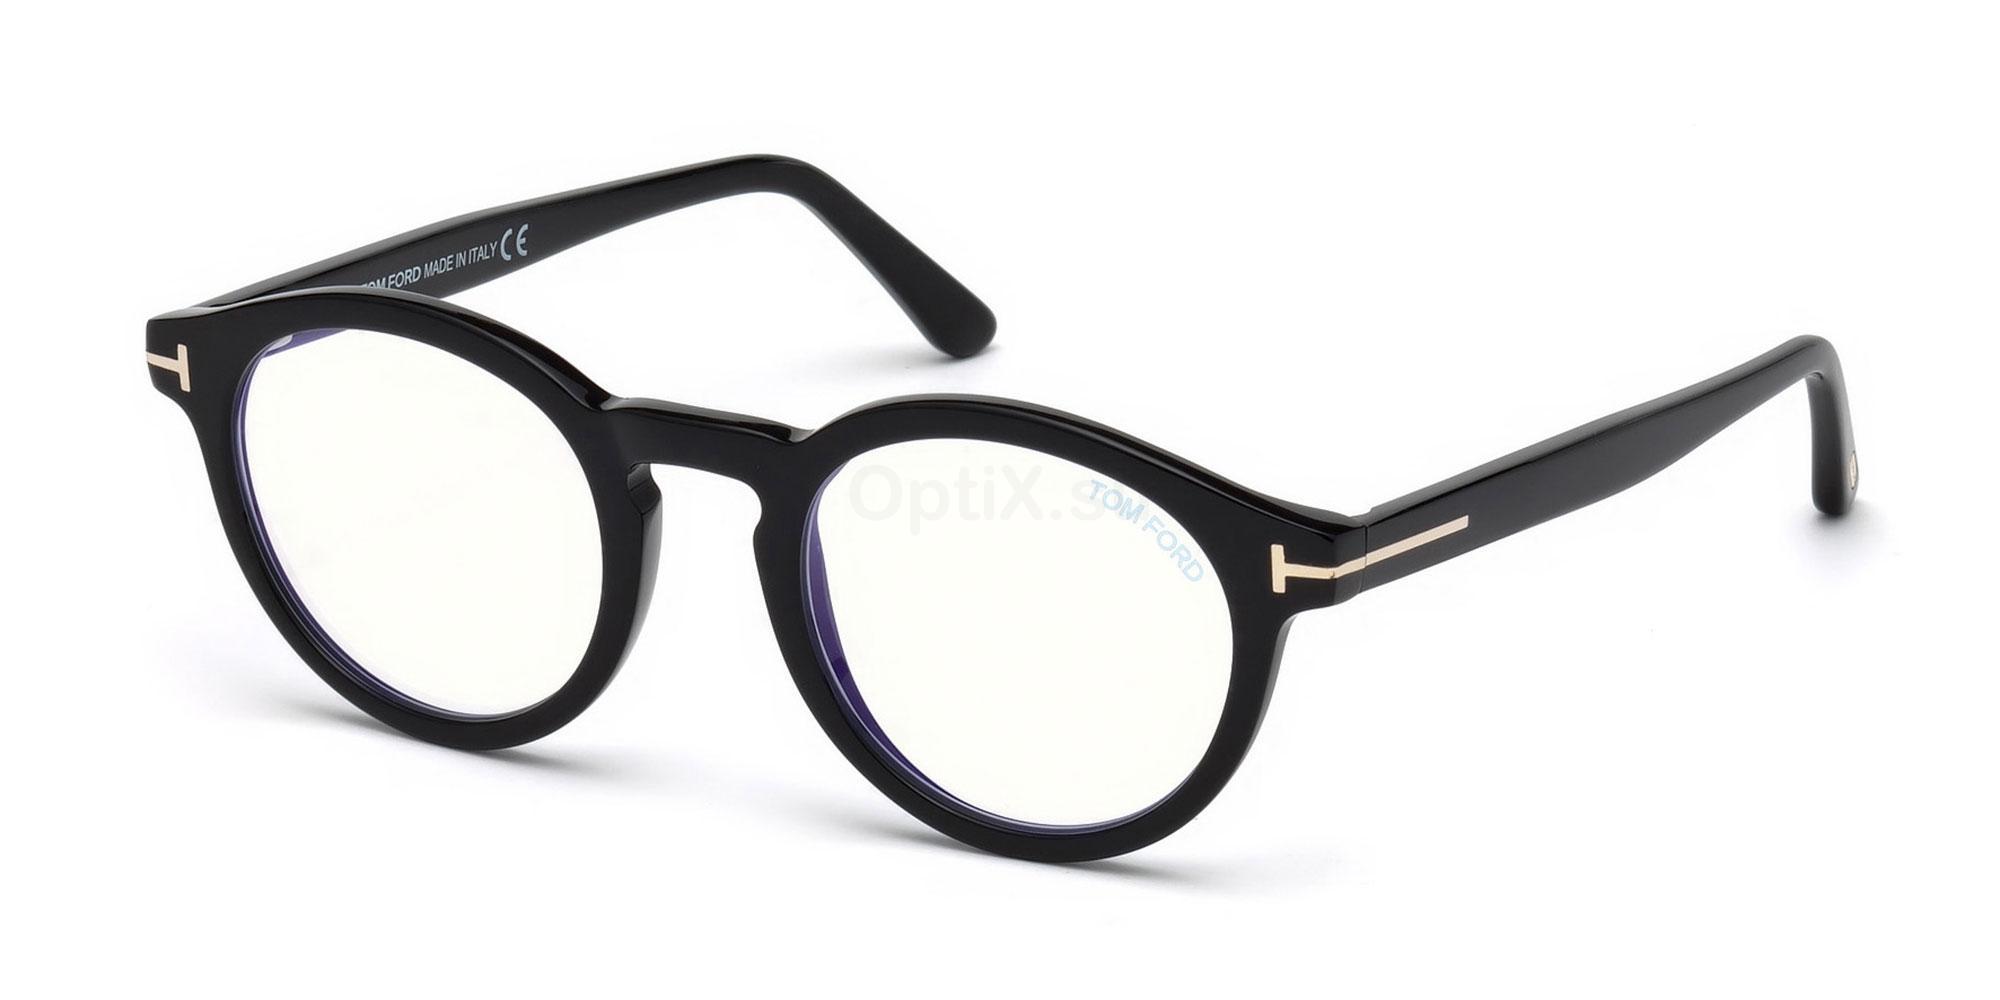 001 FT5529-B Glasses, Tom Ford